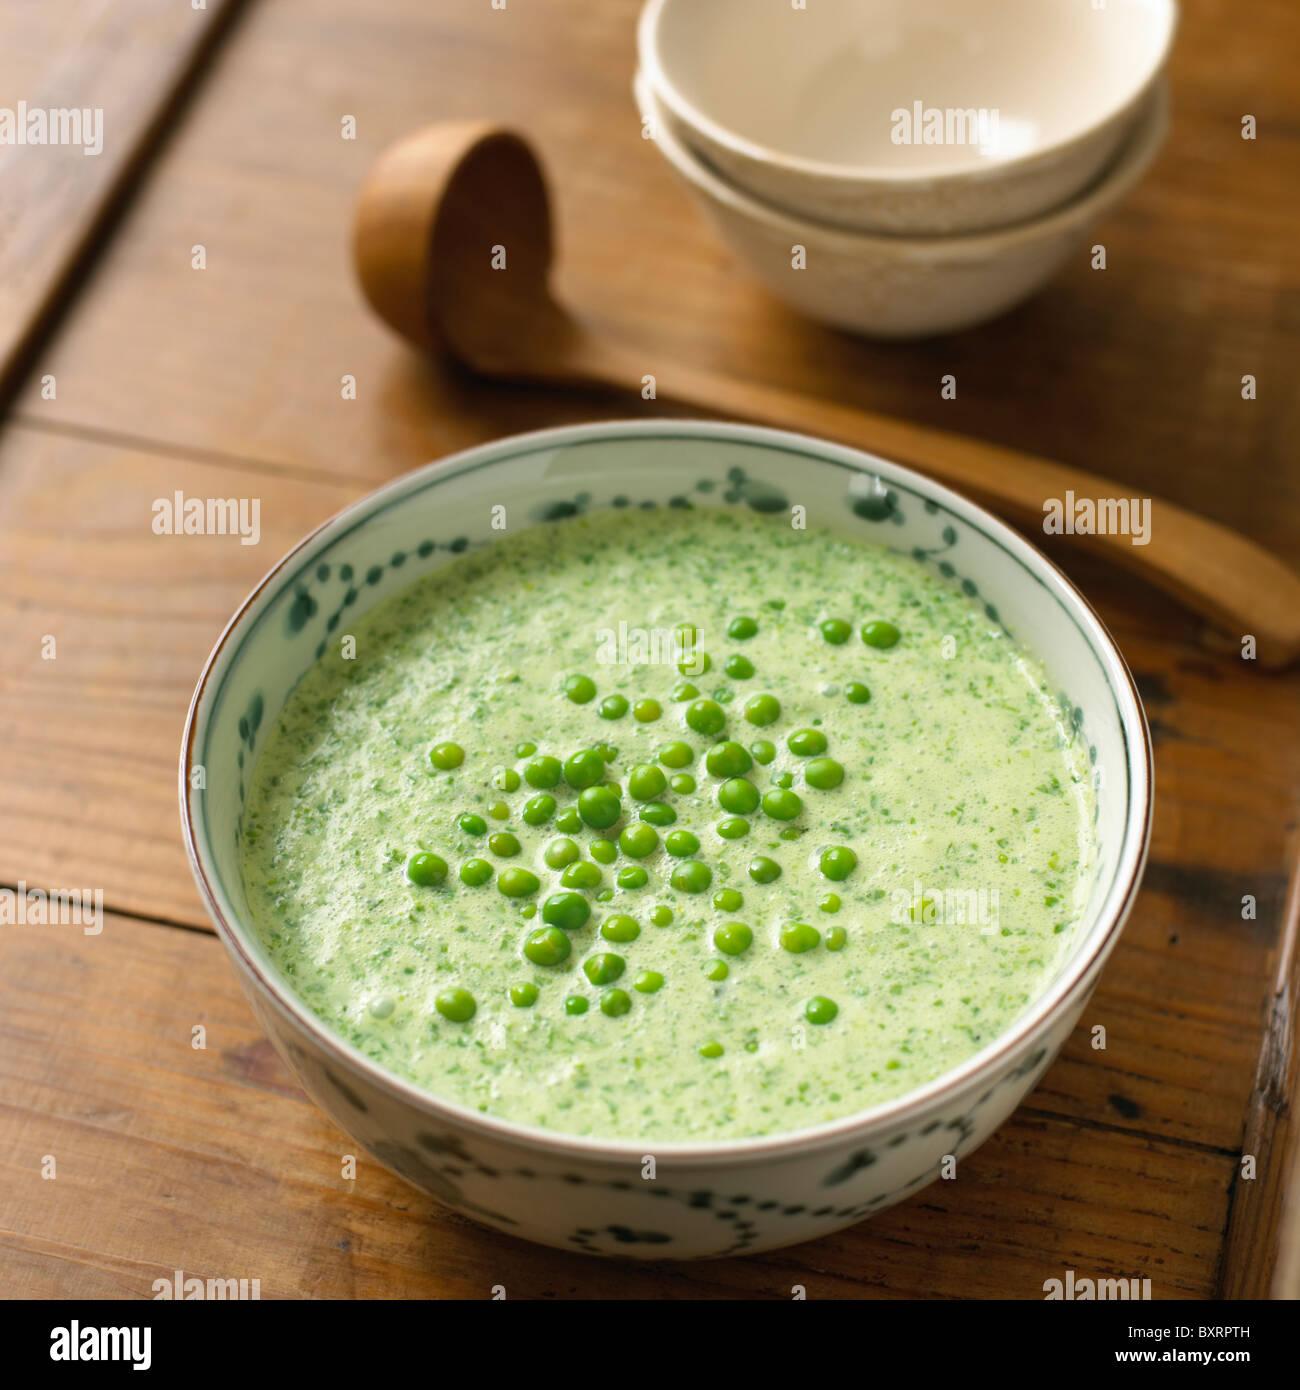 Gekühlte Salat Suppe in eine Schüssel mit Erbsen an der Spitze Stockbild